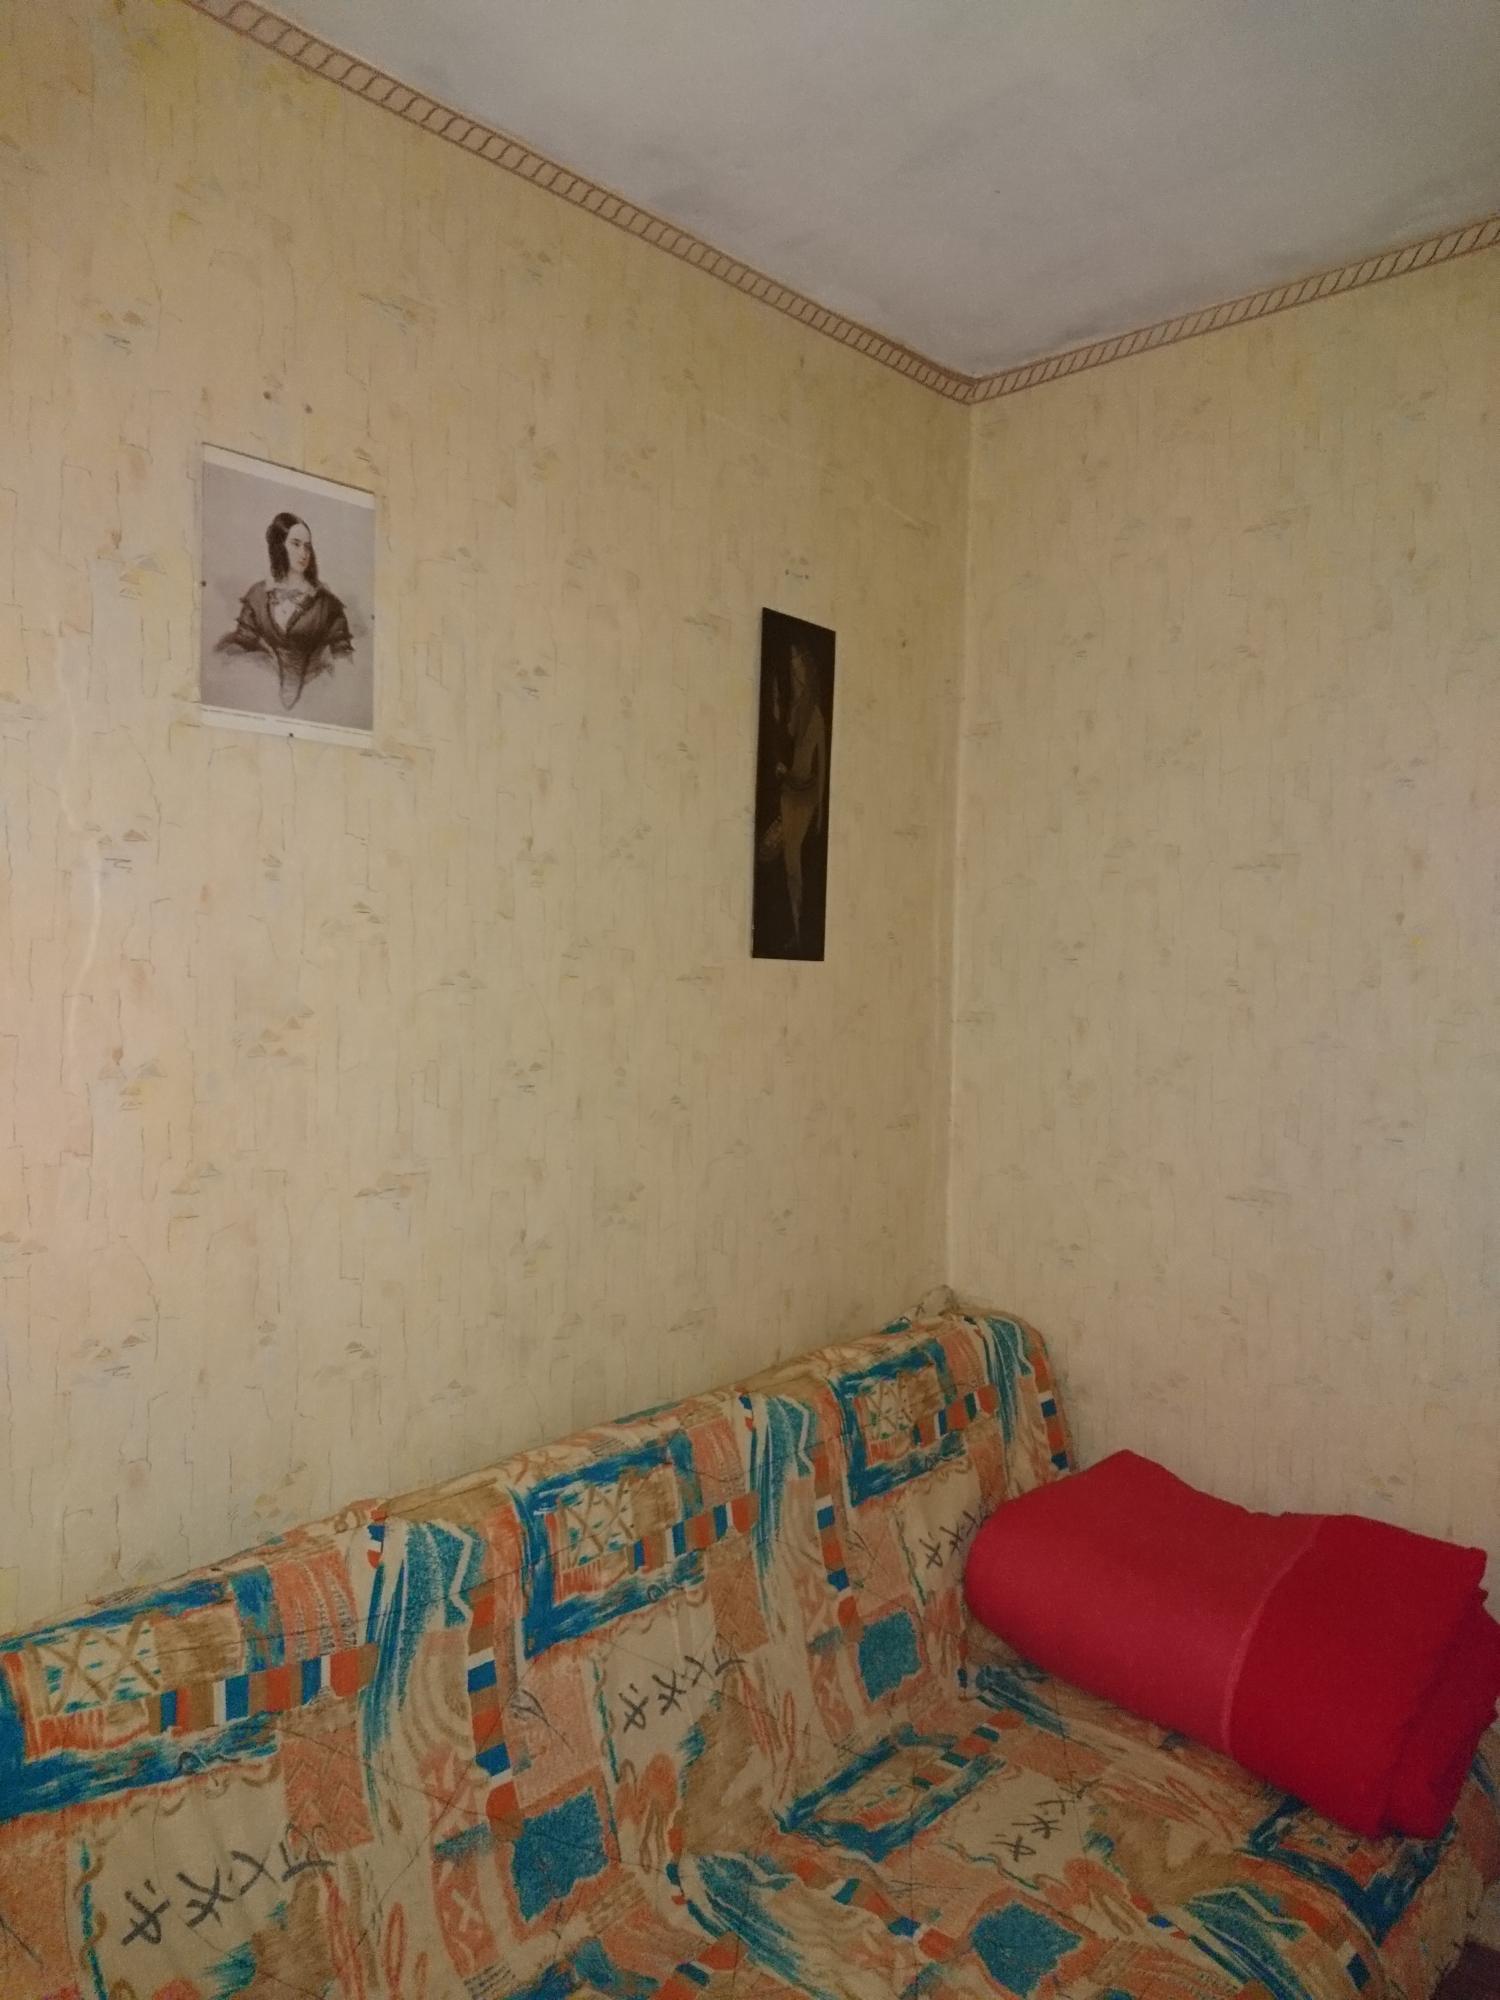 Квартира, 2 комнаты, 50 м² в Пушкино 89055552967 купить 4